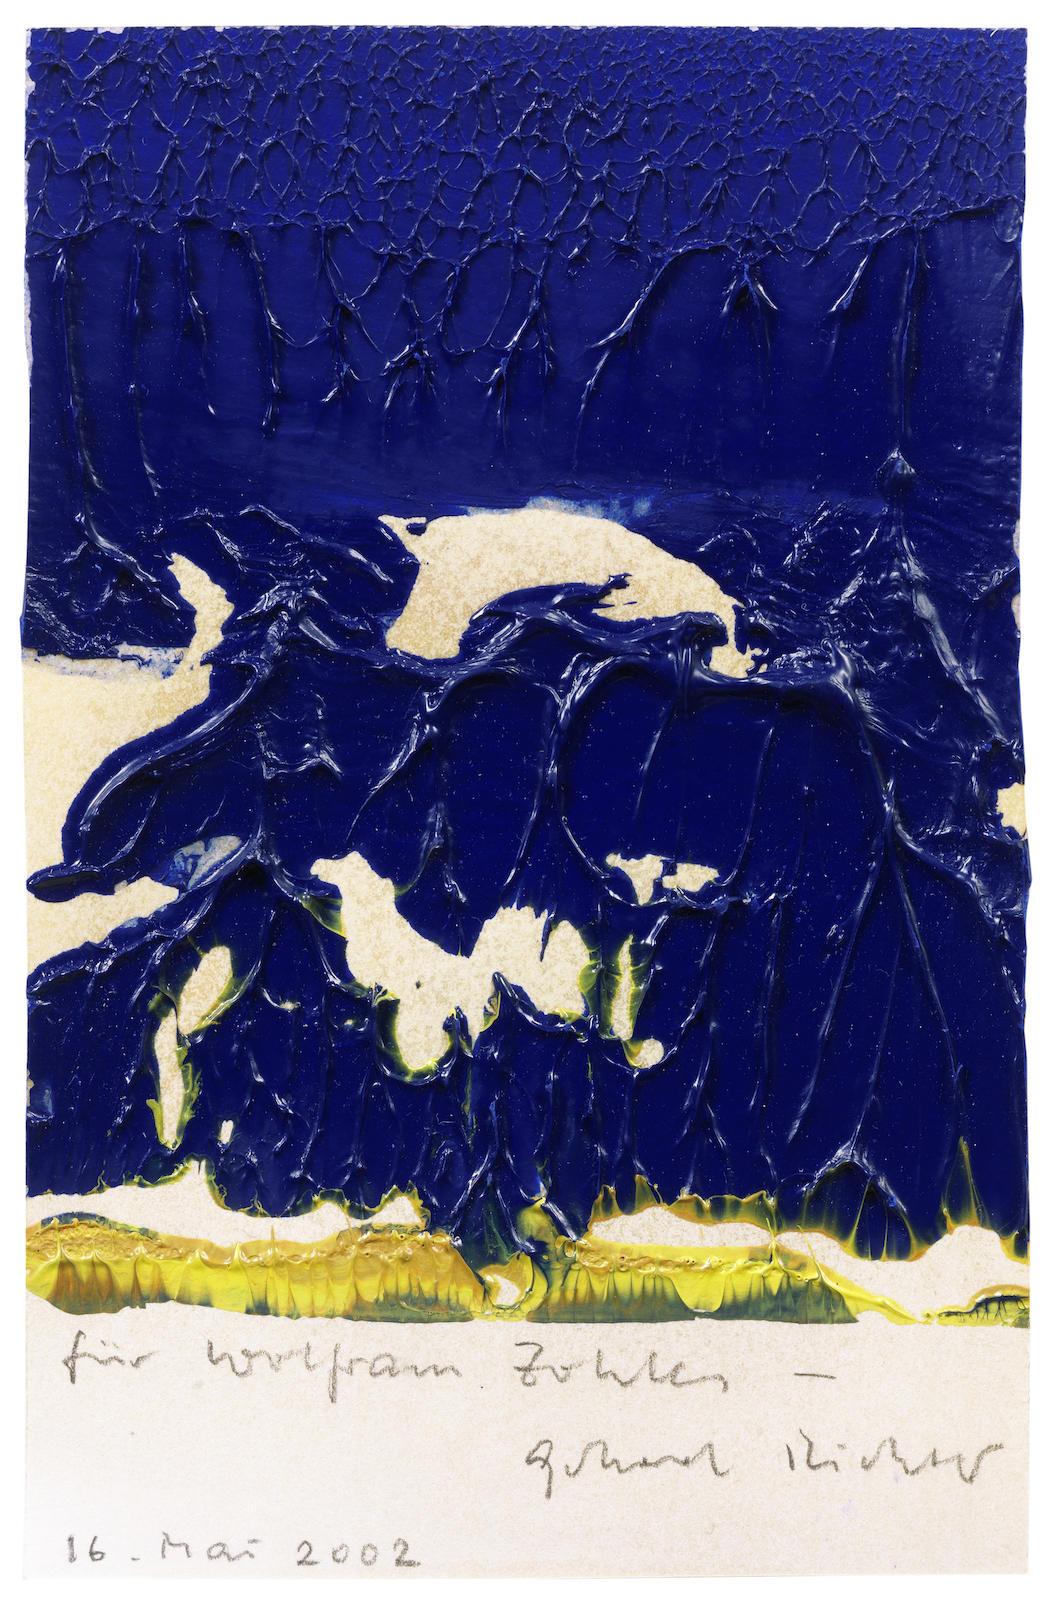 Gerhard Richter-Untitled-2002